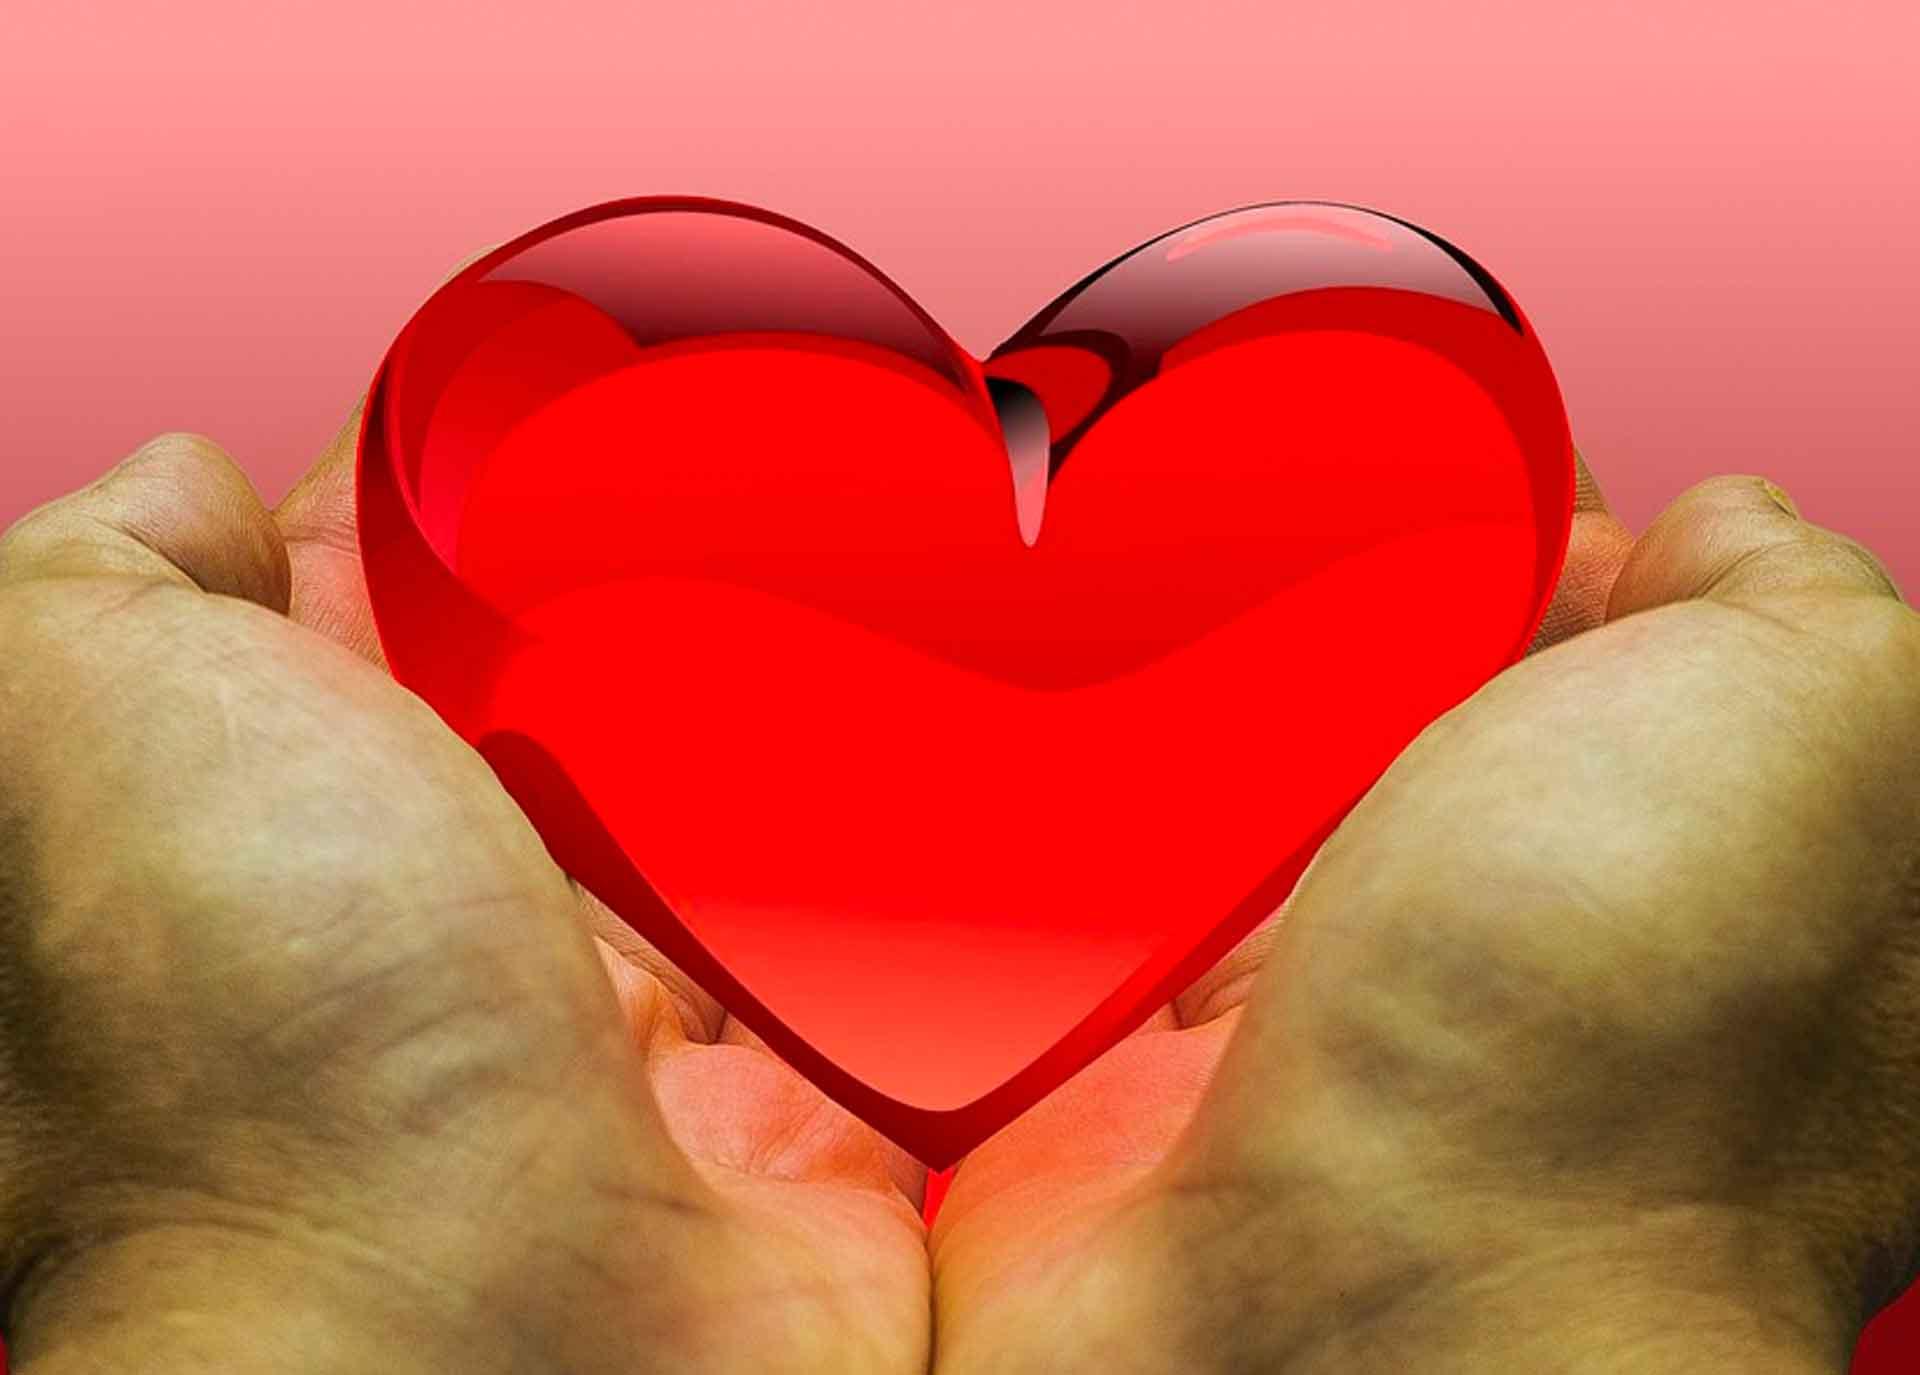 Heart held in two hands